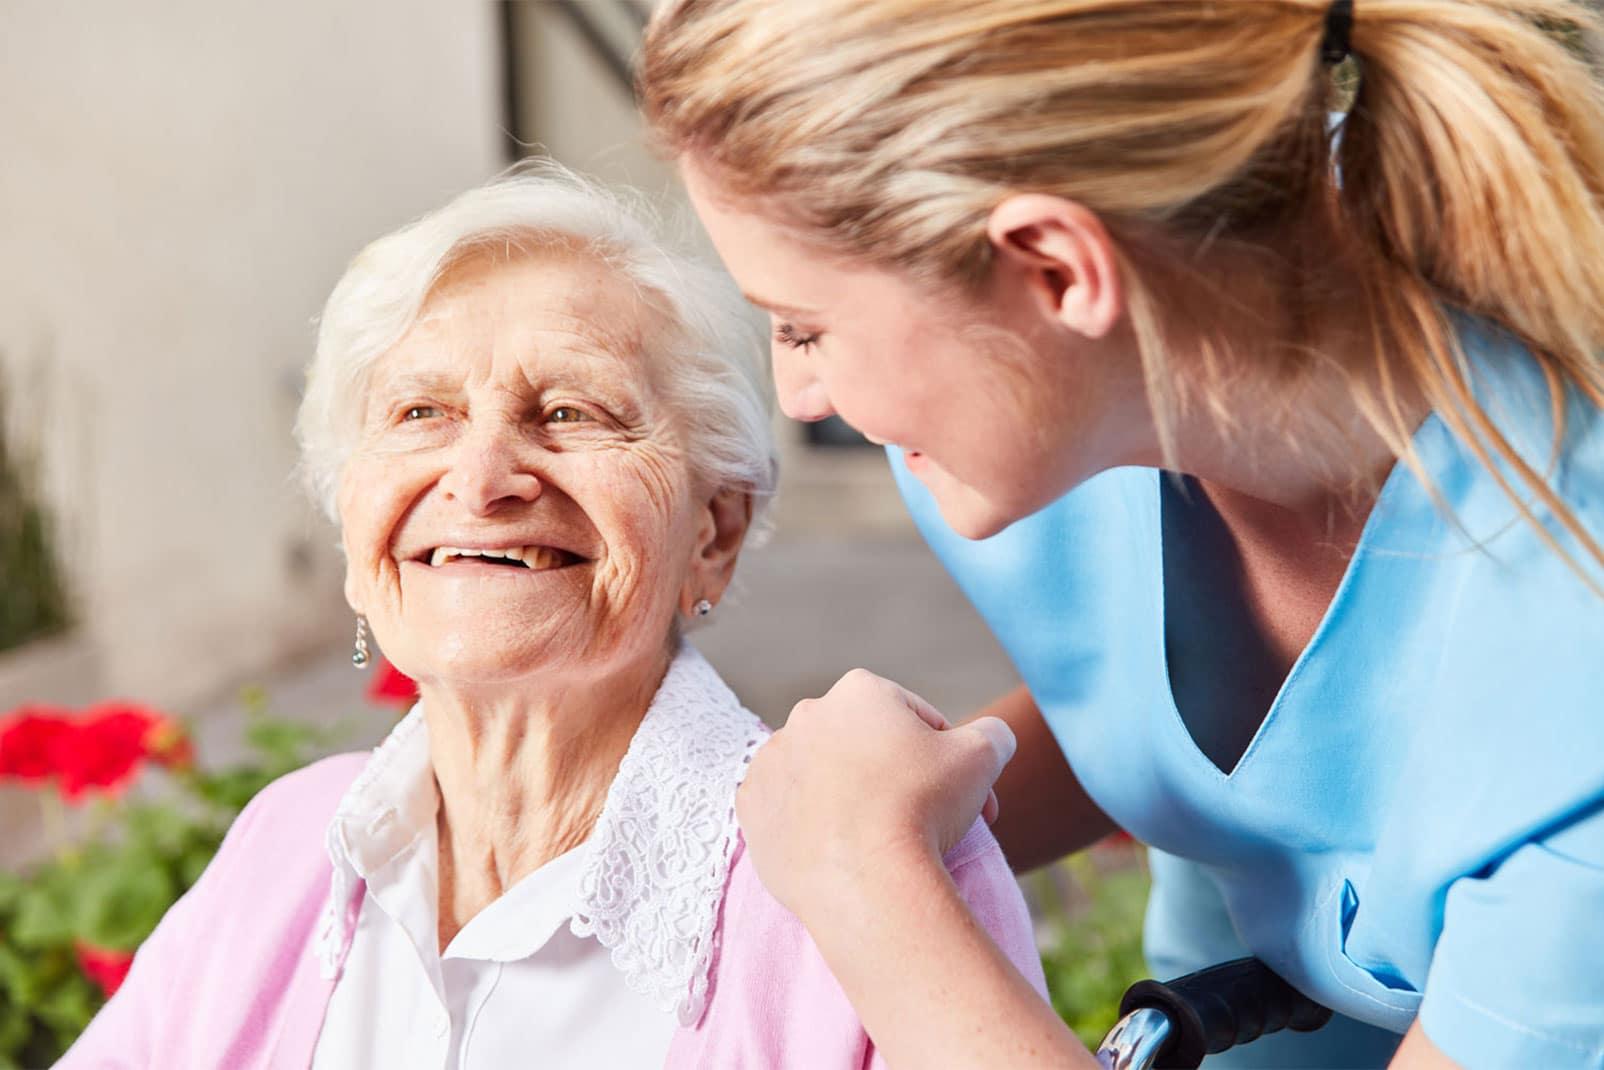 Pflegerin legt lachender Dame die Arme um